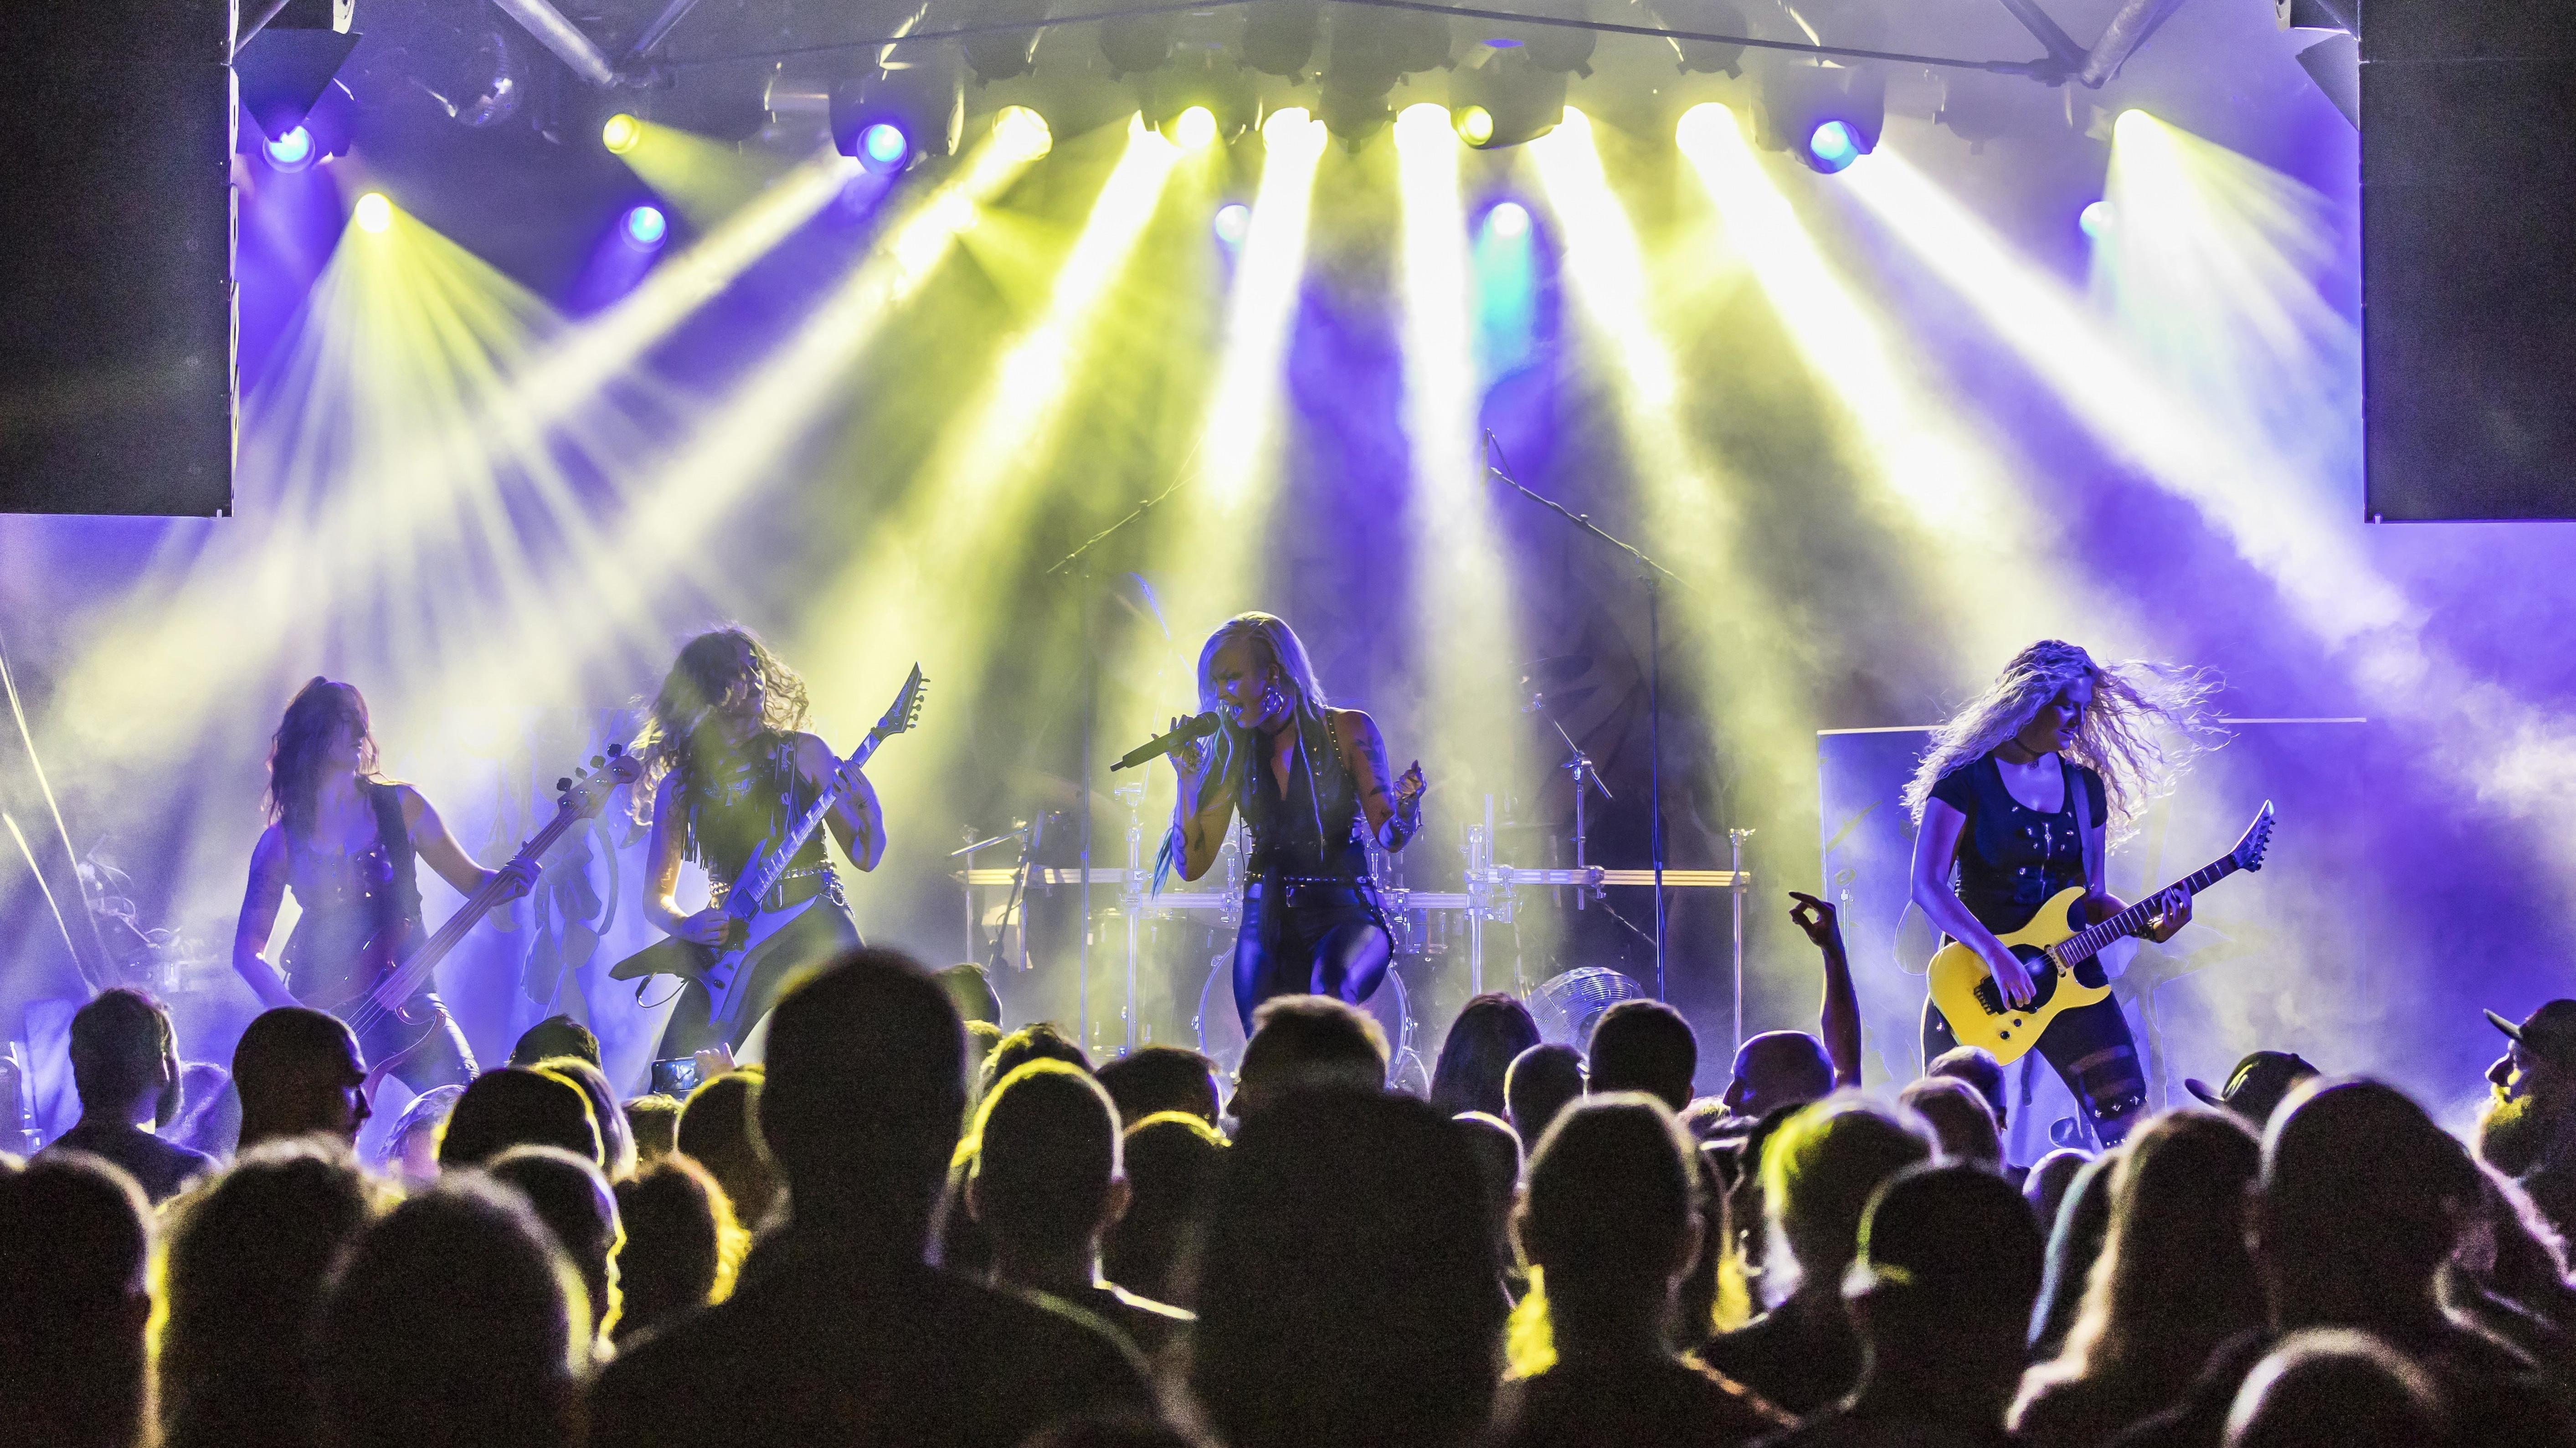 Eine Rock-Band spielt auf der Bühne, davor Publikum.